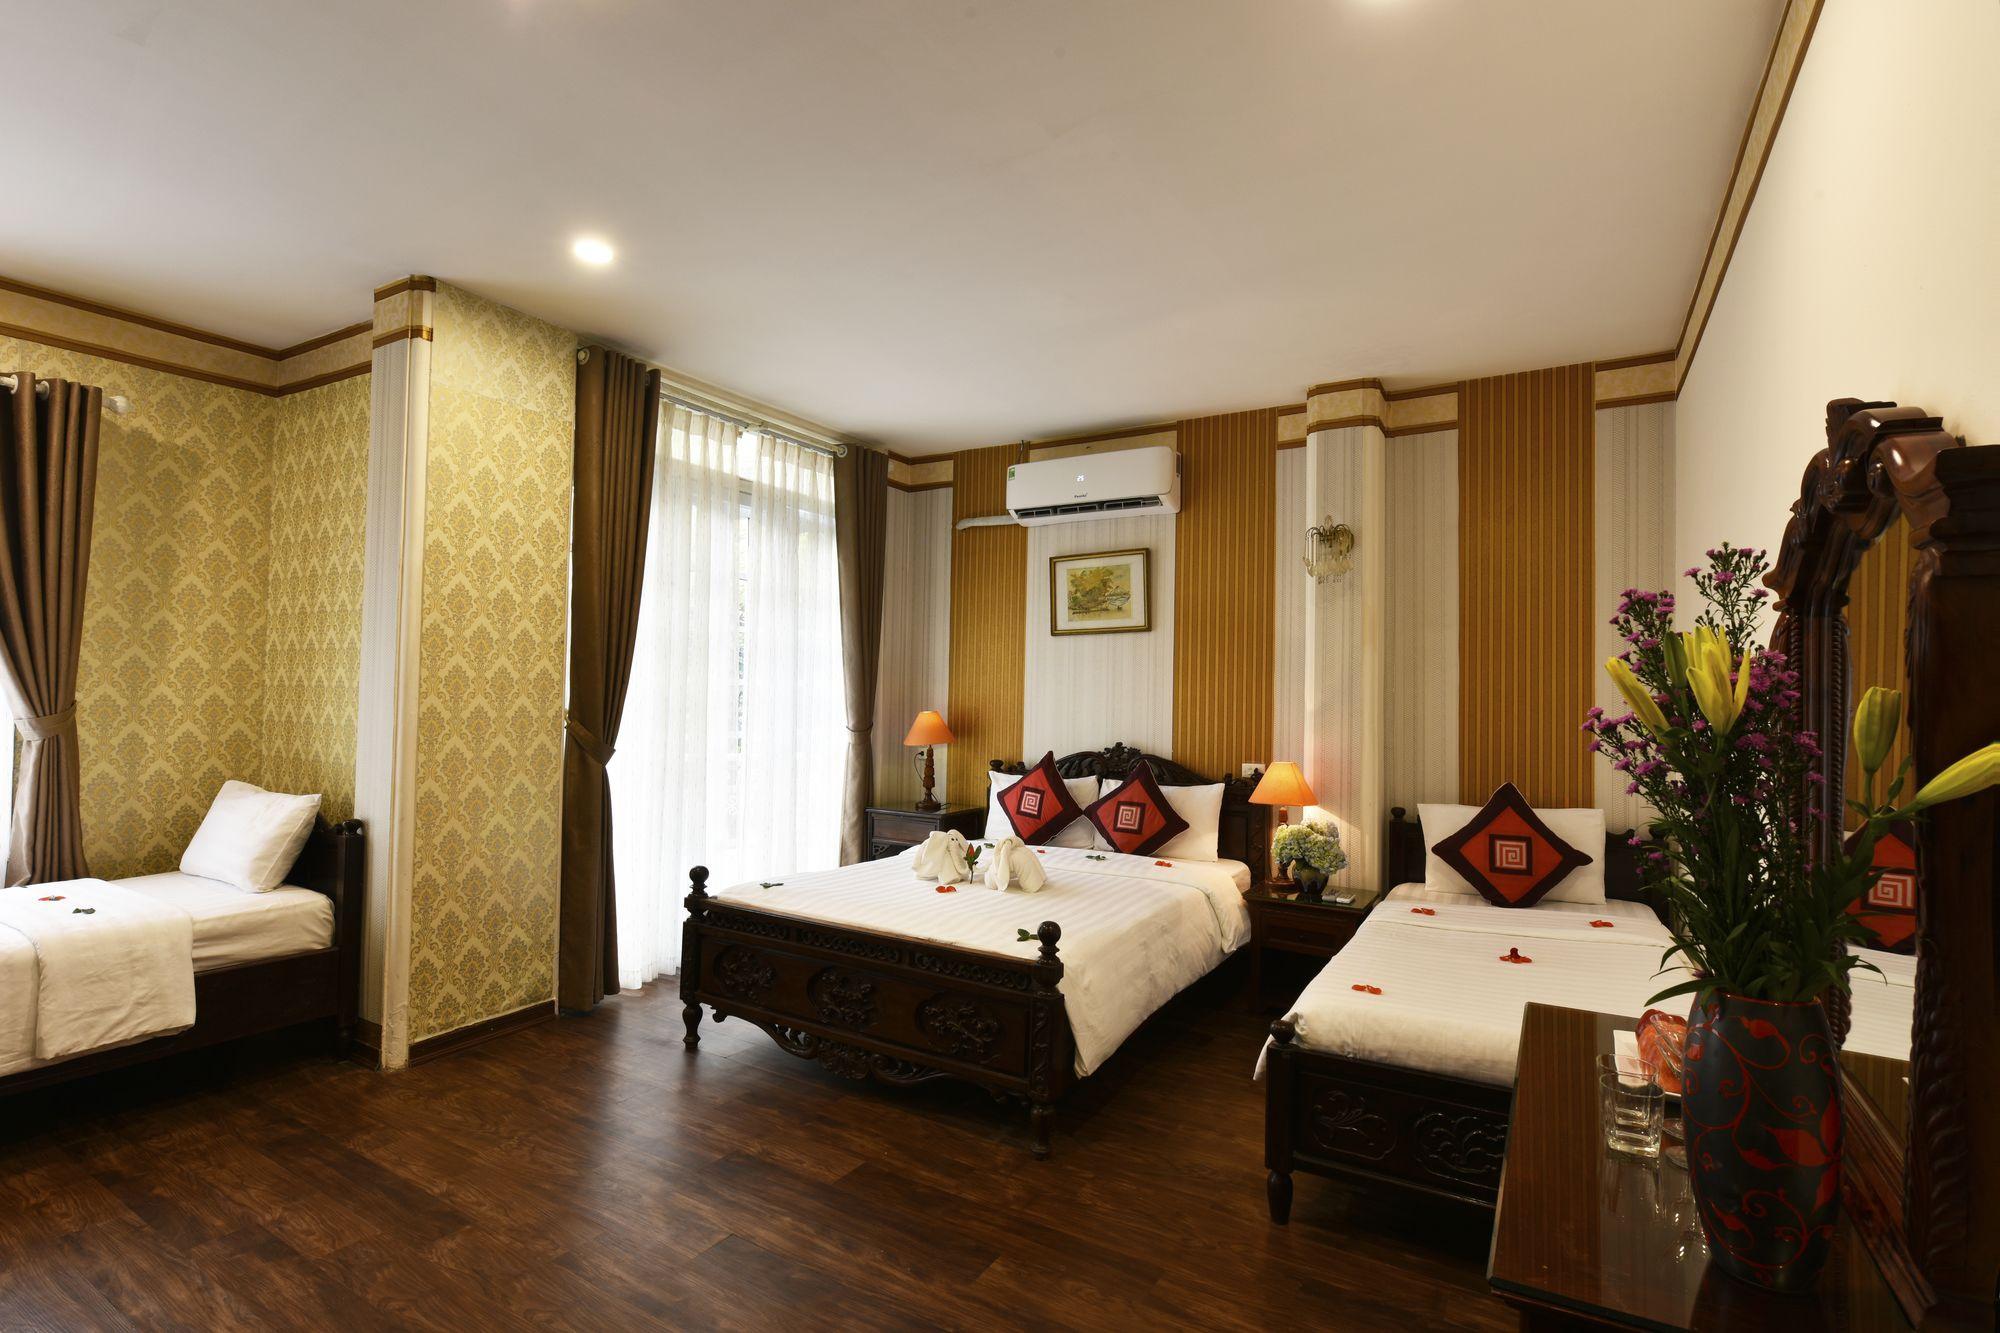 Khách sạn Hoàng tử 1